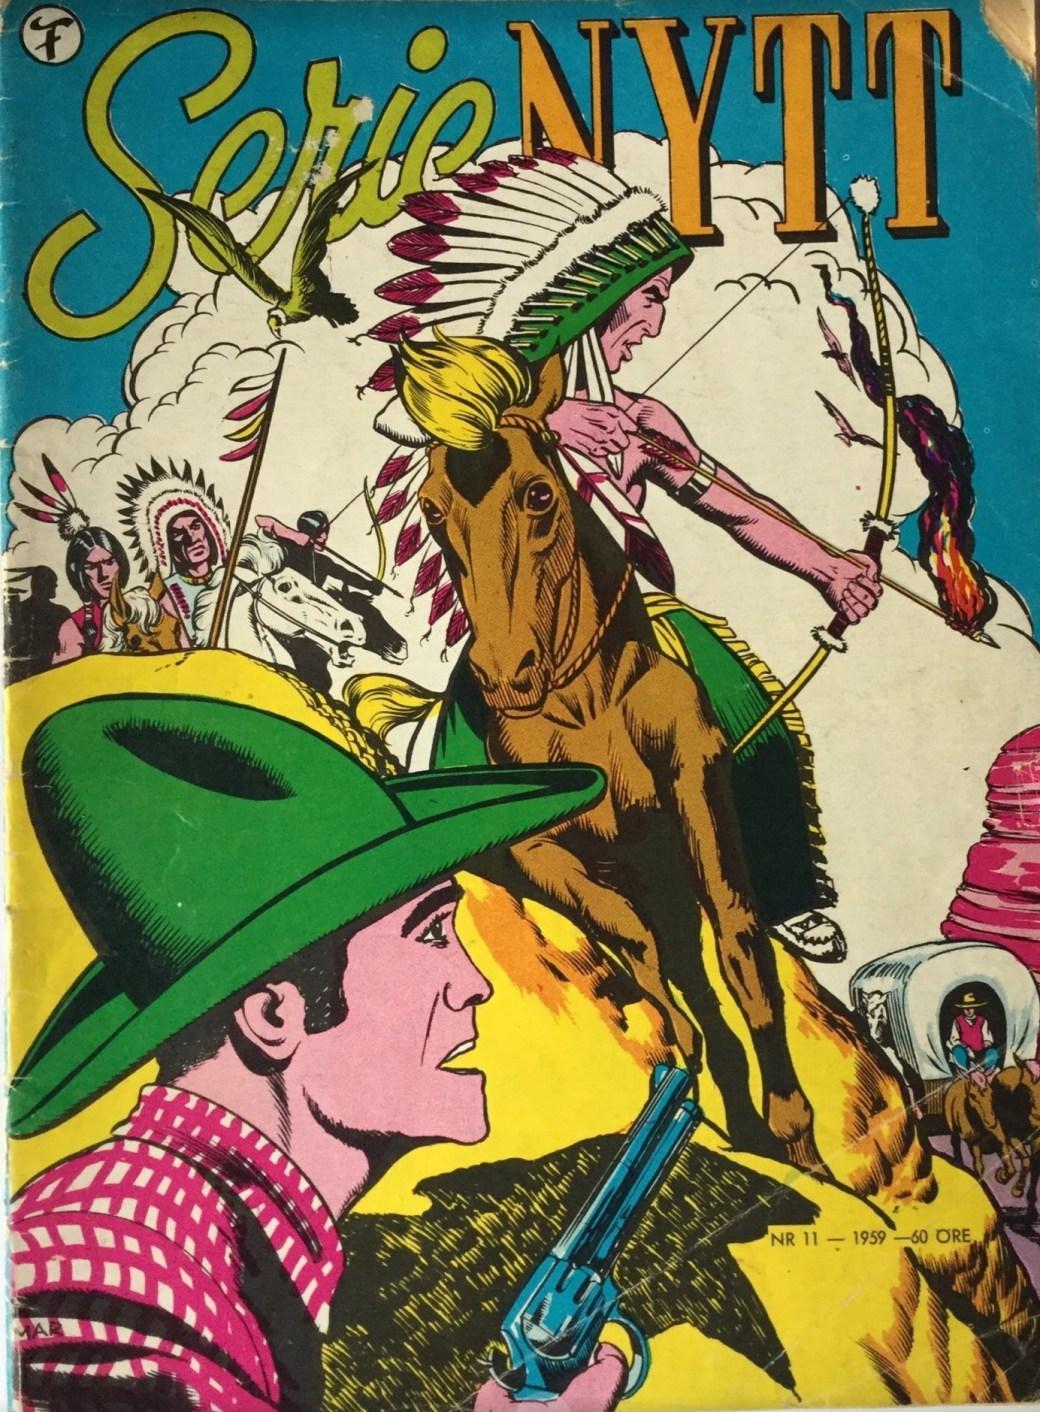 SerieNytt nr 11, 1959